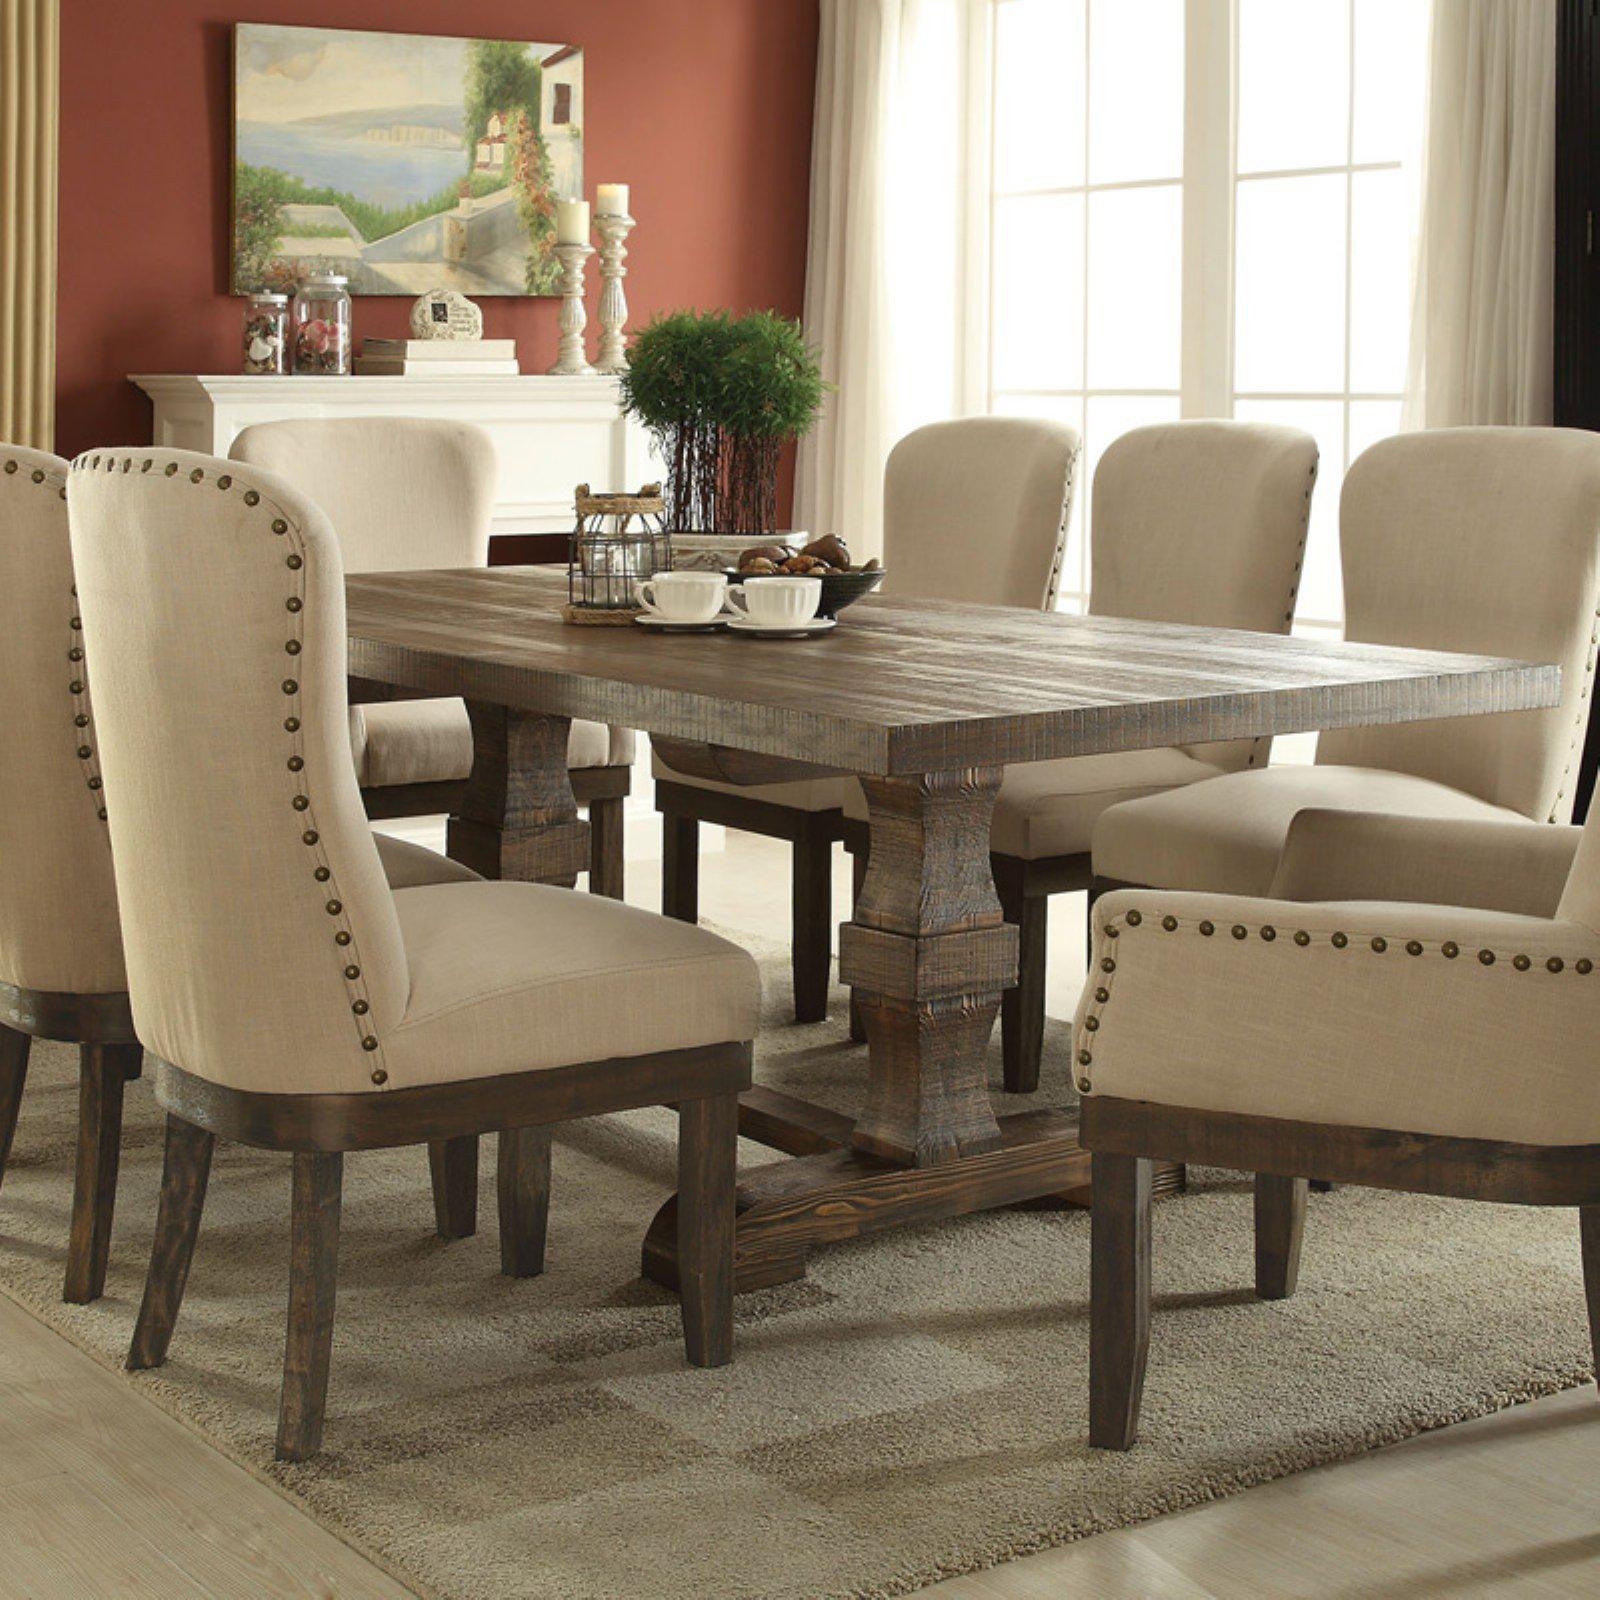 Acme Furniture Landon Rectangular Dining Table